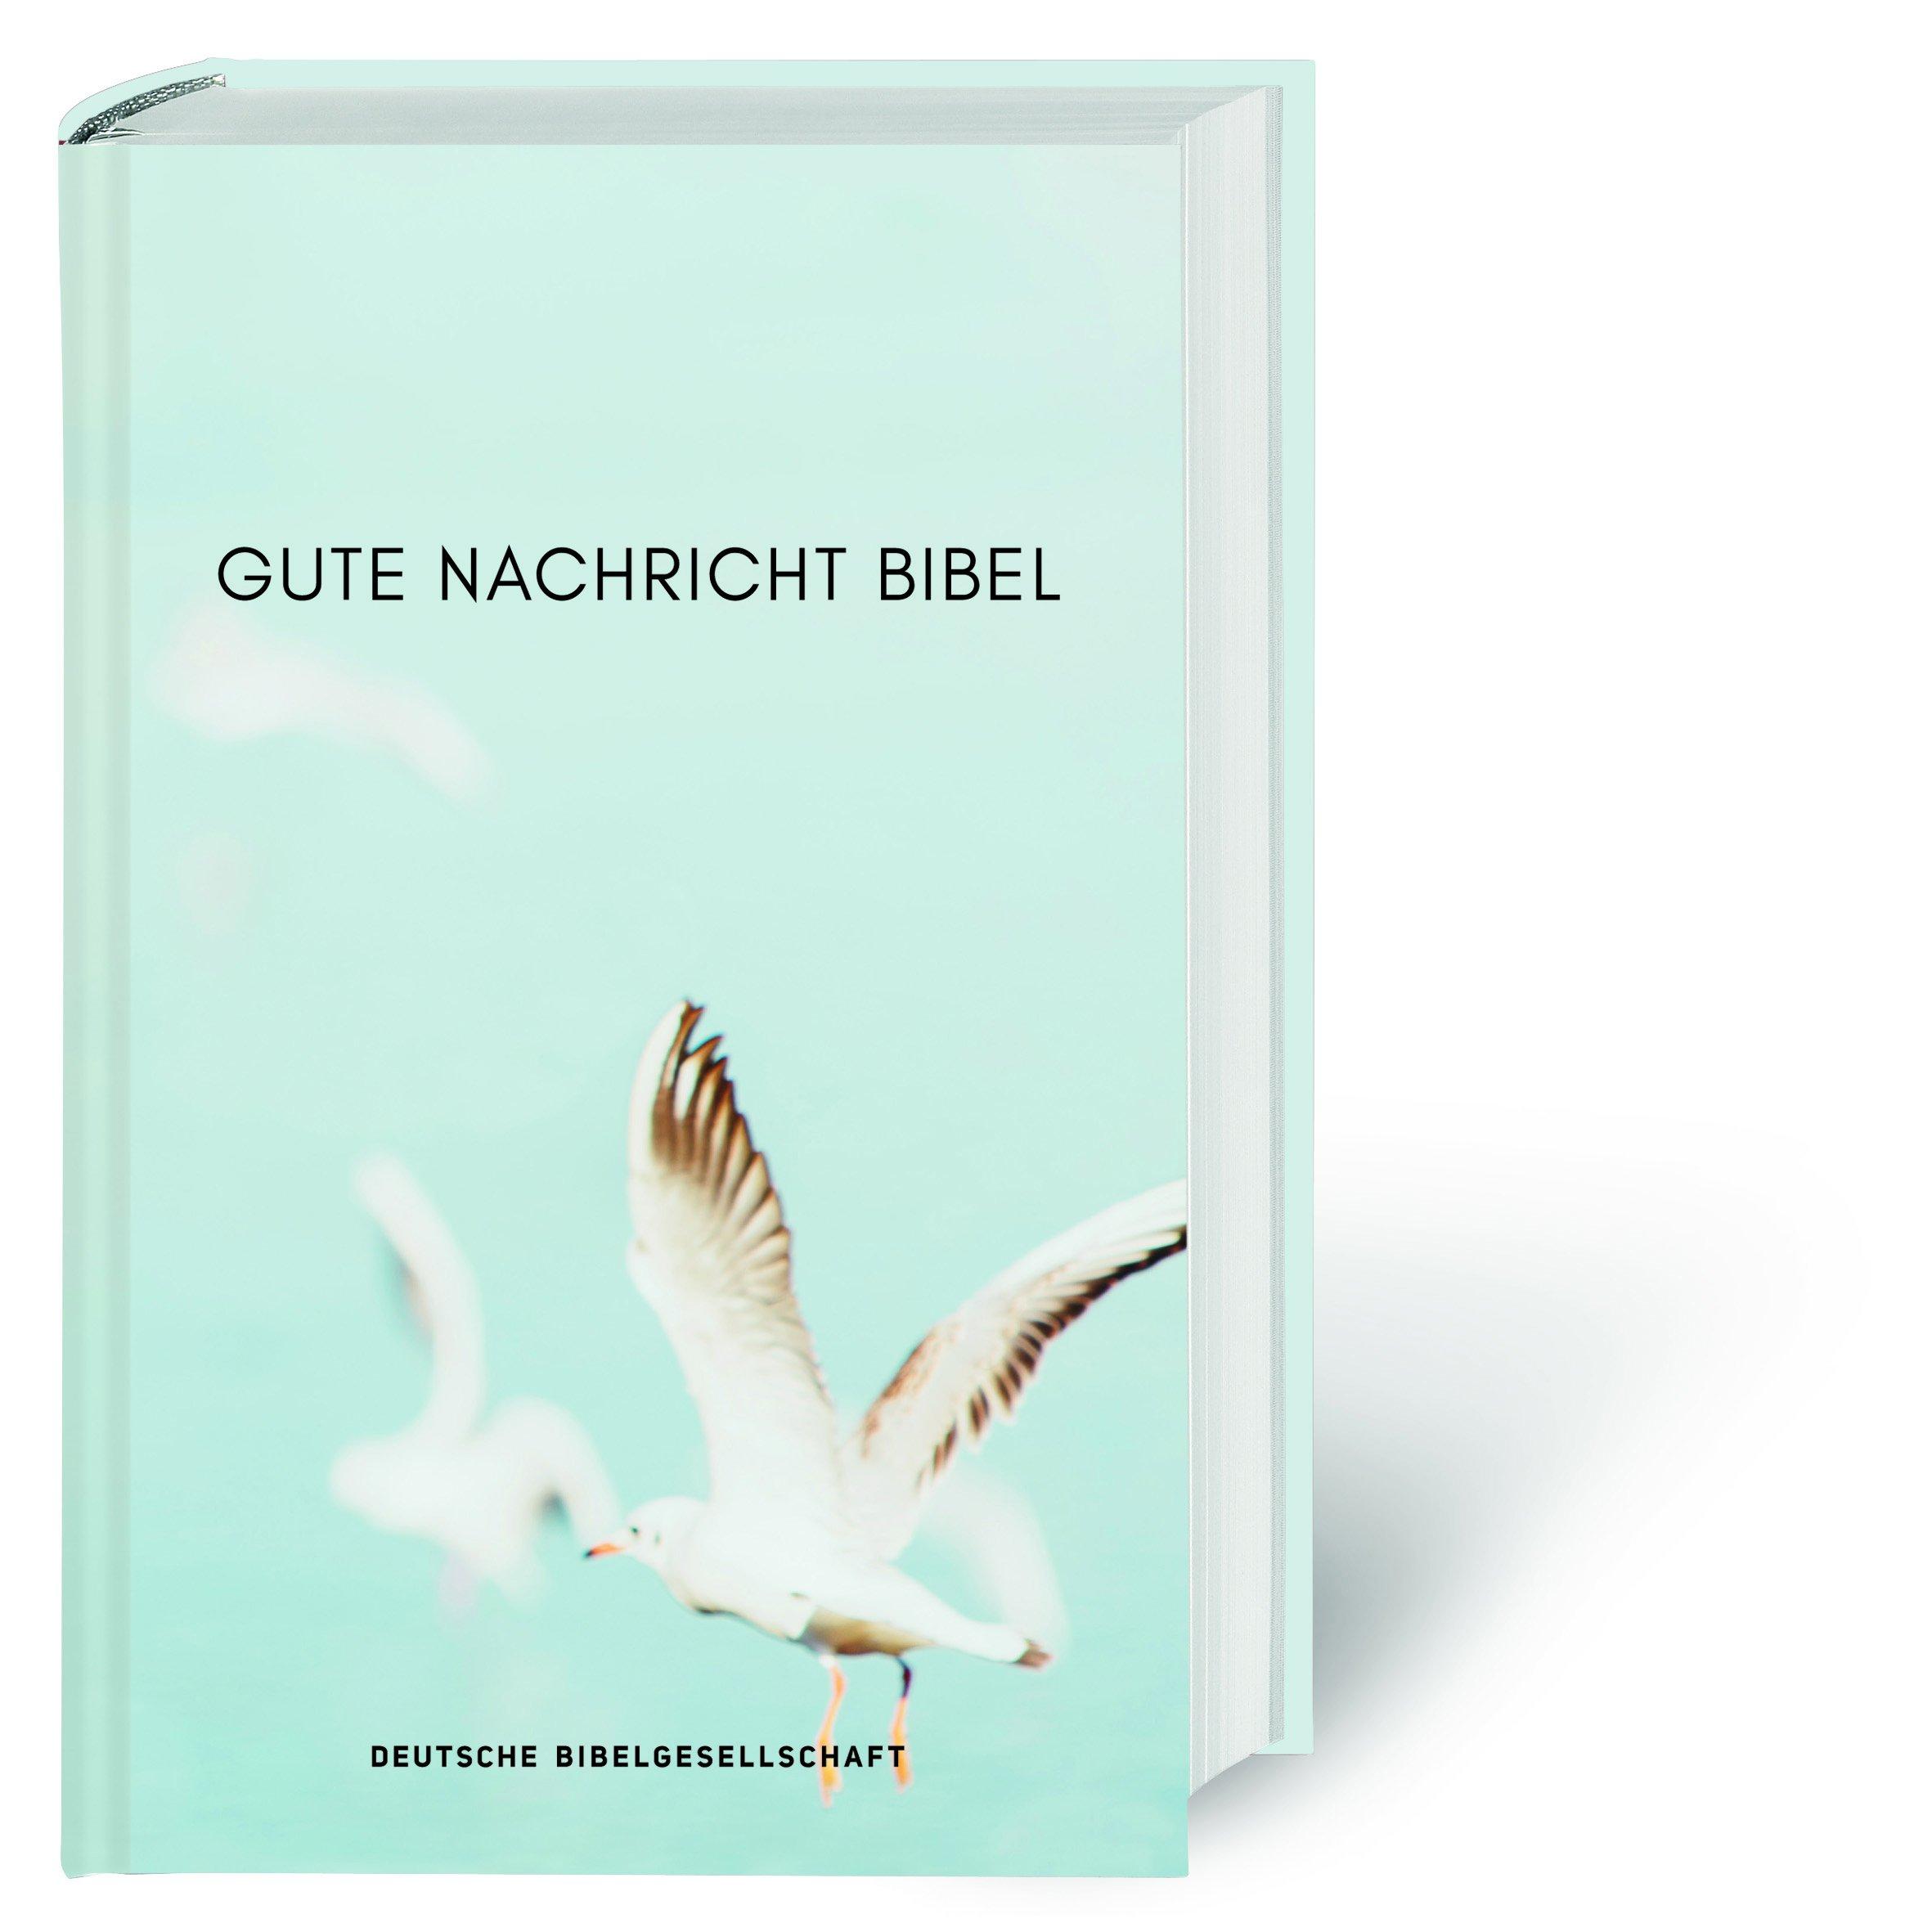 Gute Nachricht Bibel: Ohne die Spätschriften des Alten Testaments. Sonderausgabe Motiv Möwe